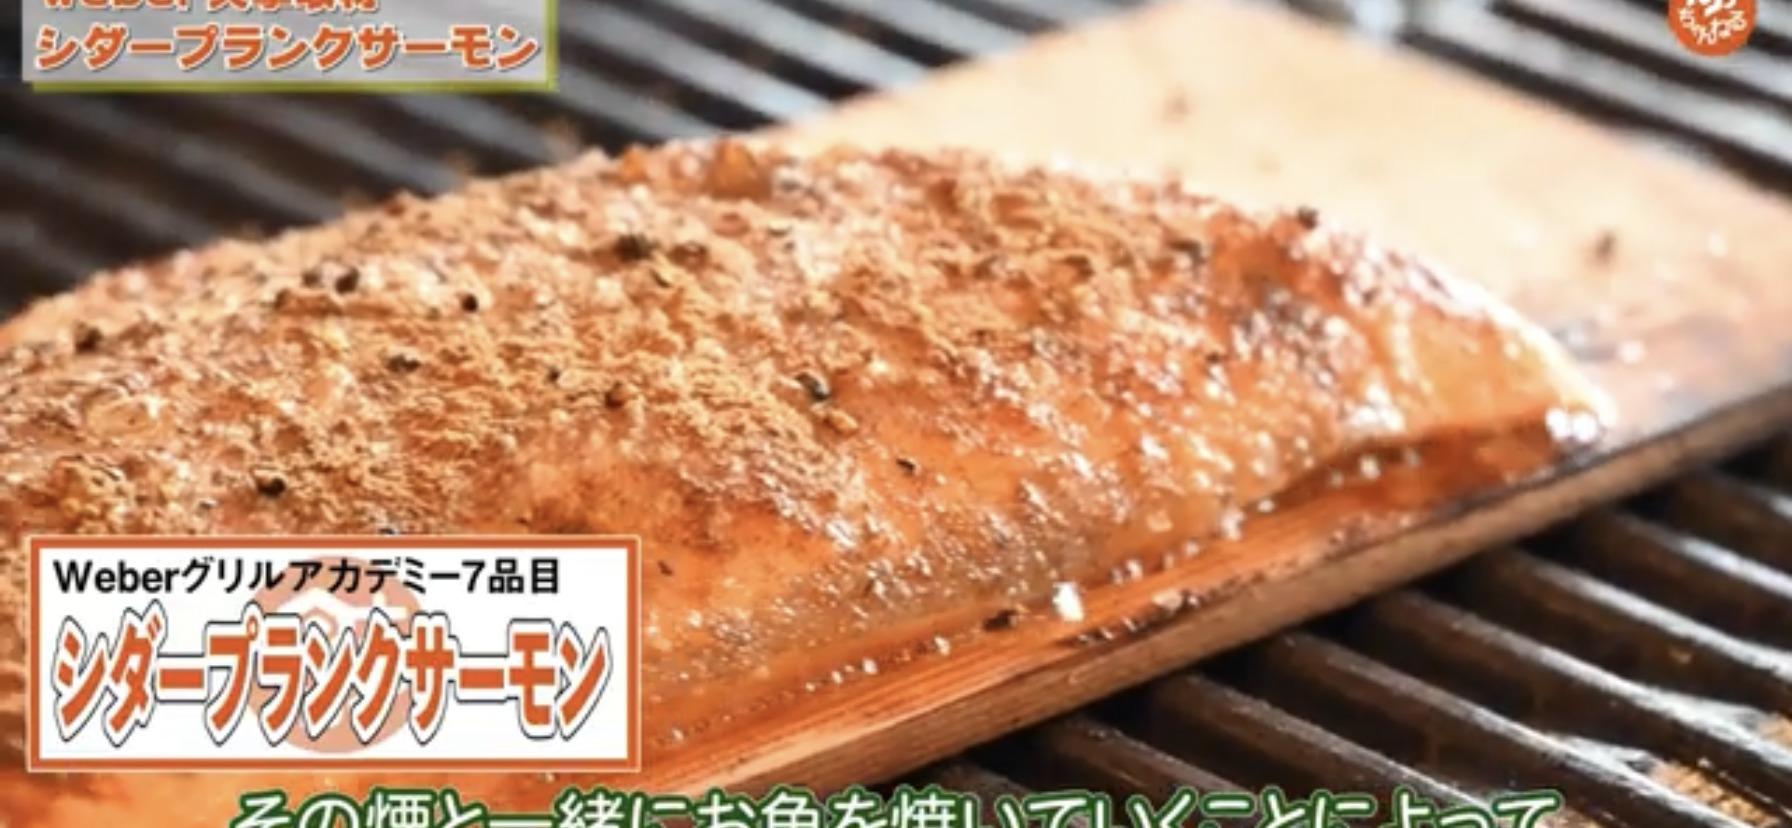 【BBQレシピ】グリルで簡単調理!シダープランクサーモン